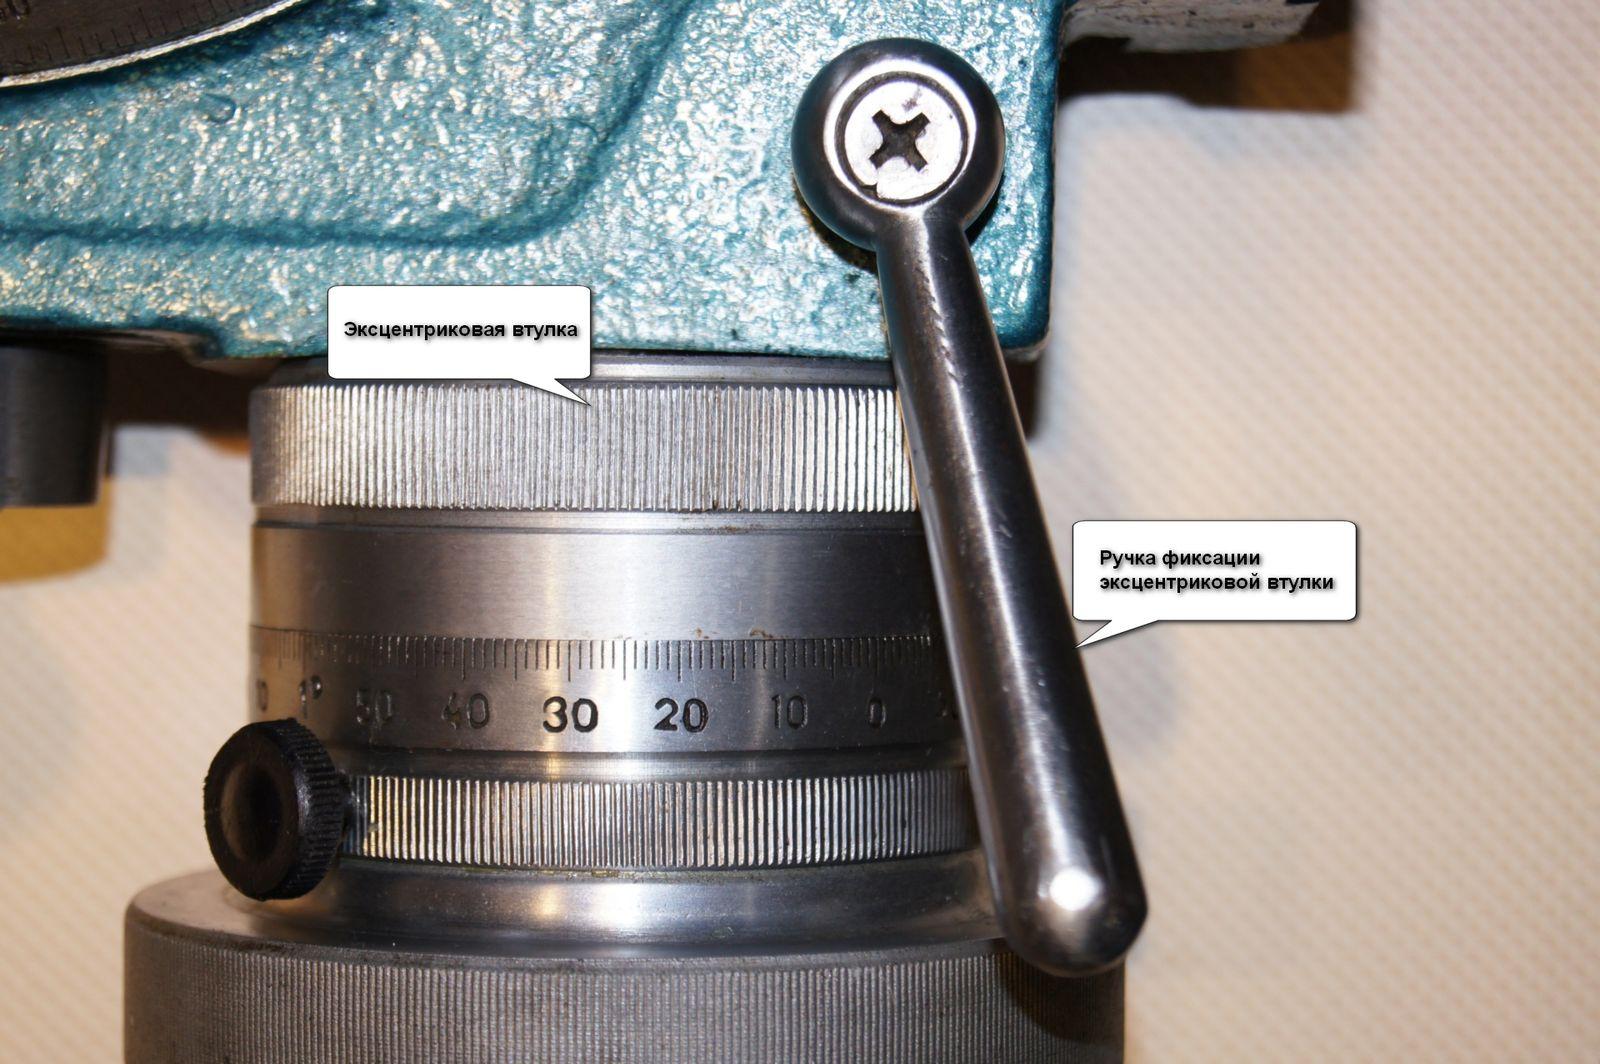 Шайба с накаткой для поворота эксцентриковой втулки